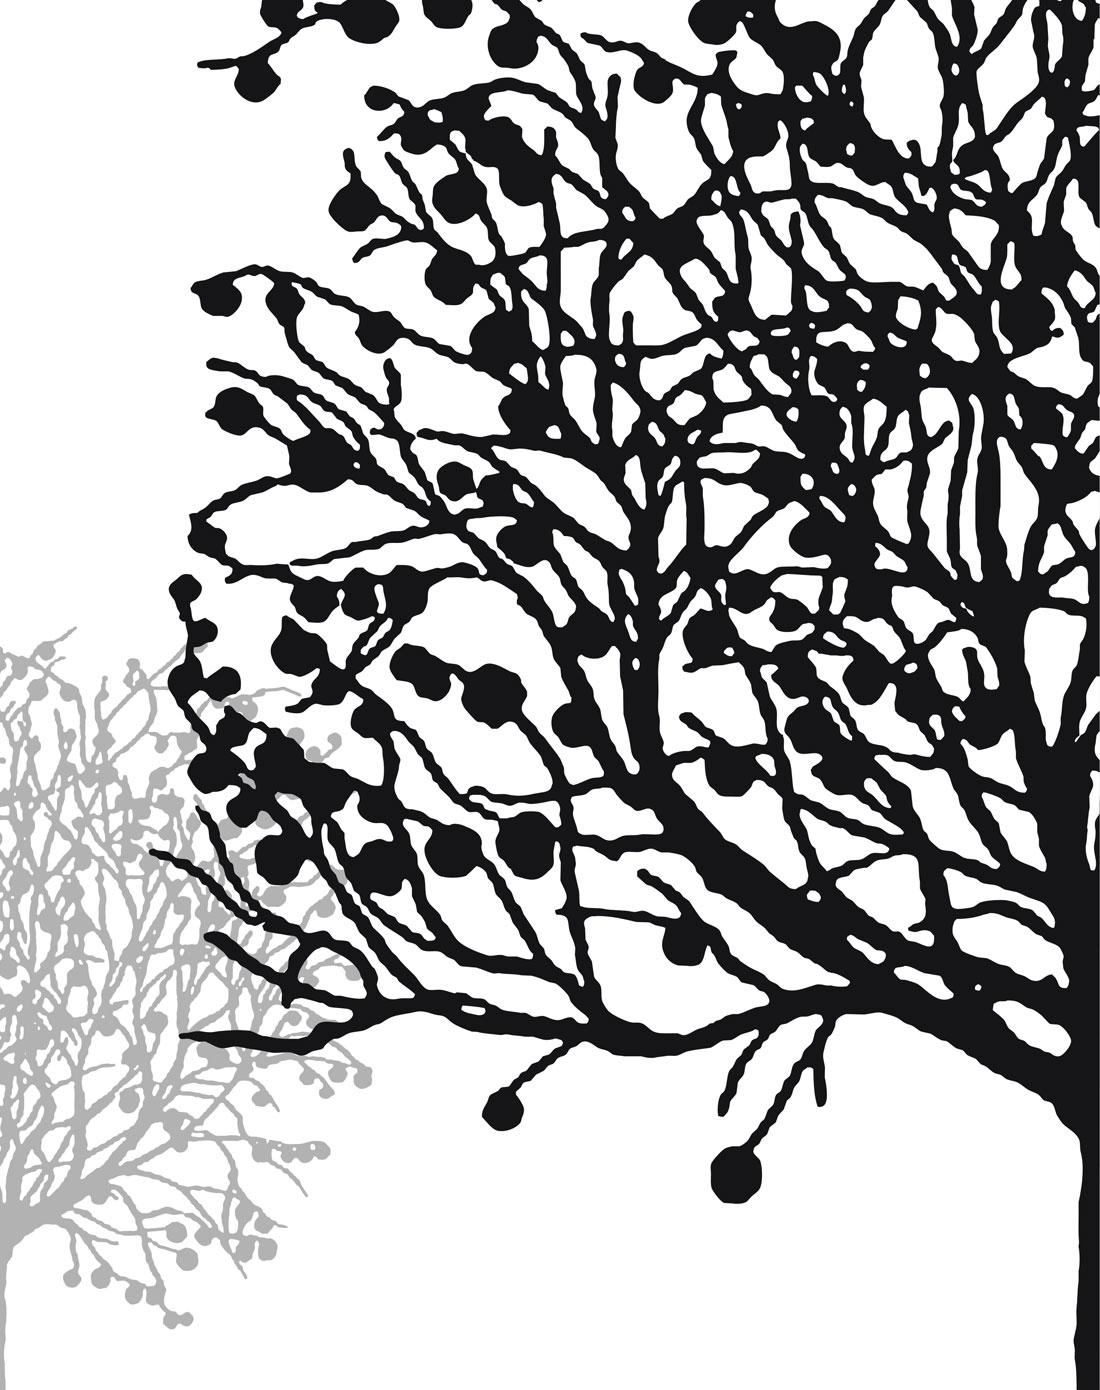 抽象艺术简约黑白装饰画 幸运树